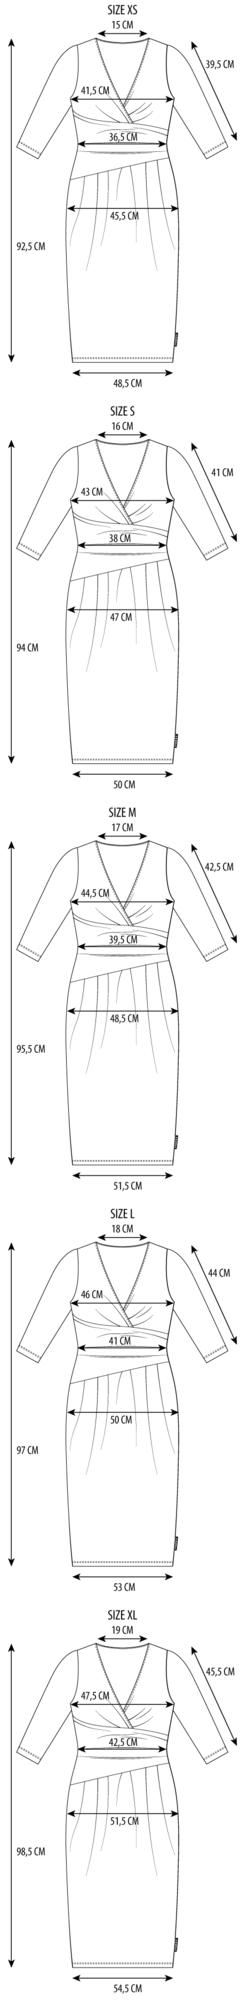 Maattabel la robe pleated